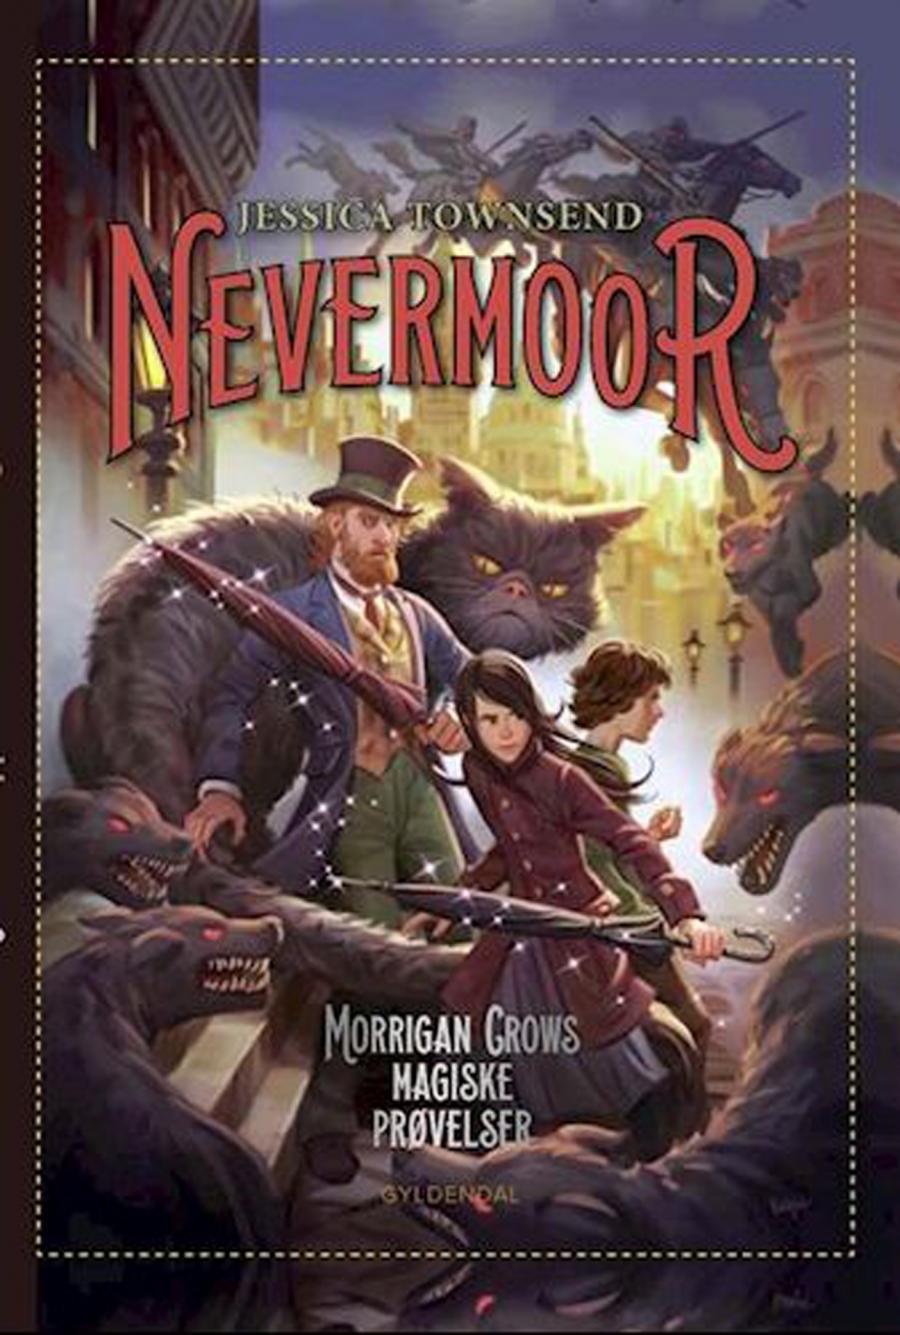 Nevermoor – Morrigan Crows magiske prøvelser